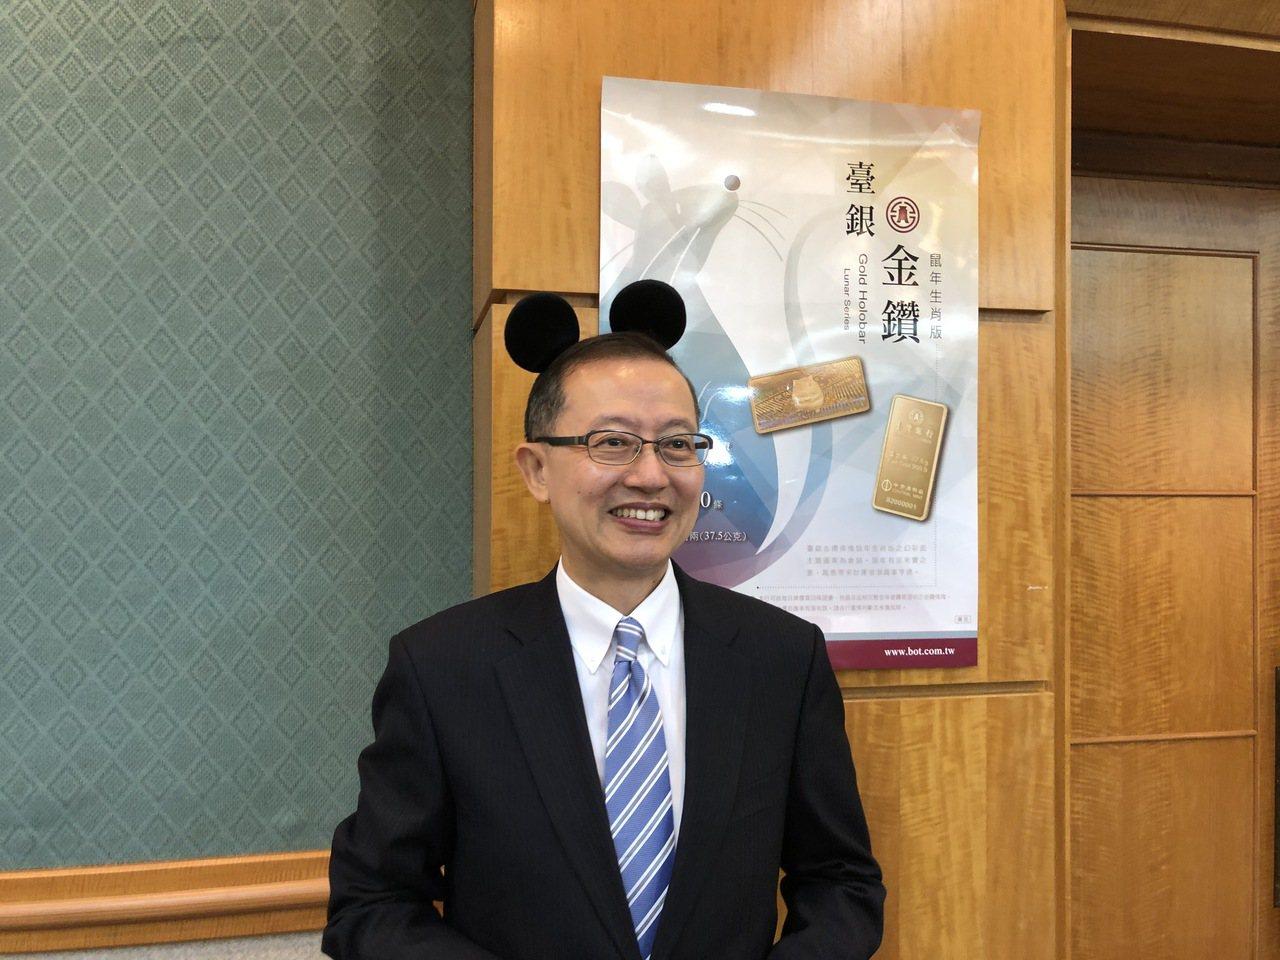 有黃金王子封號的台灣銀行貴金屬部副理楊天立建議,若投資人資產配置有債券、股票的話...